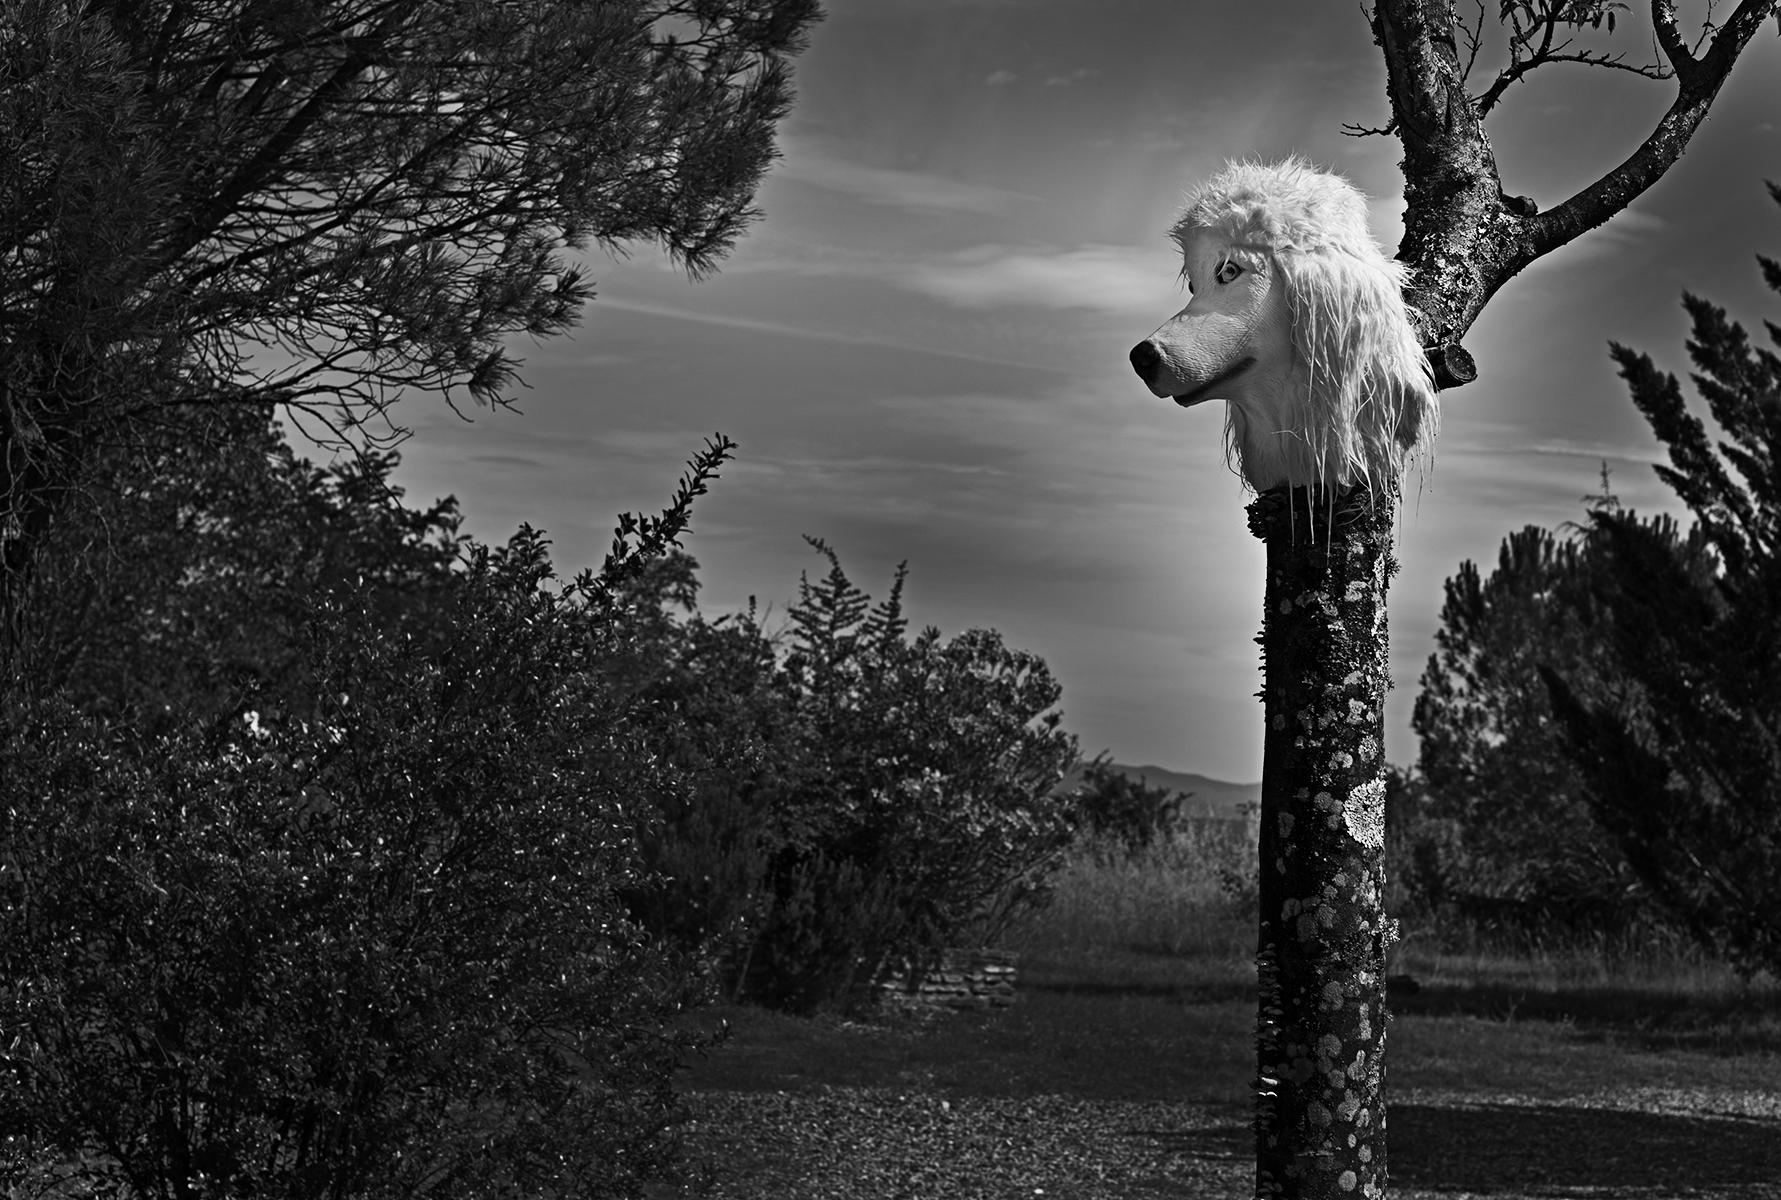 lost-dog-saujette_sfs0883-72